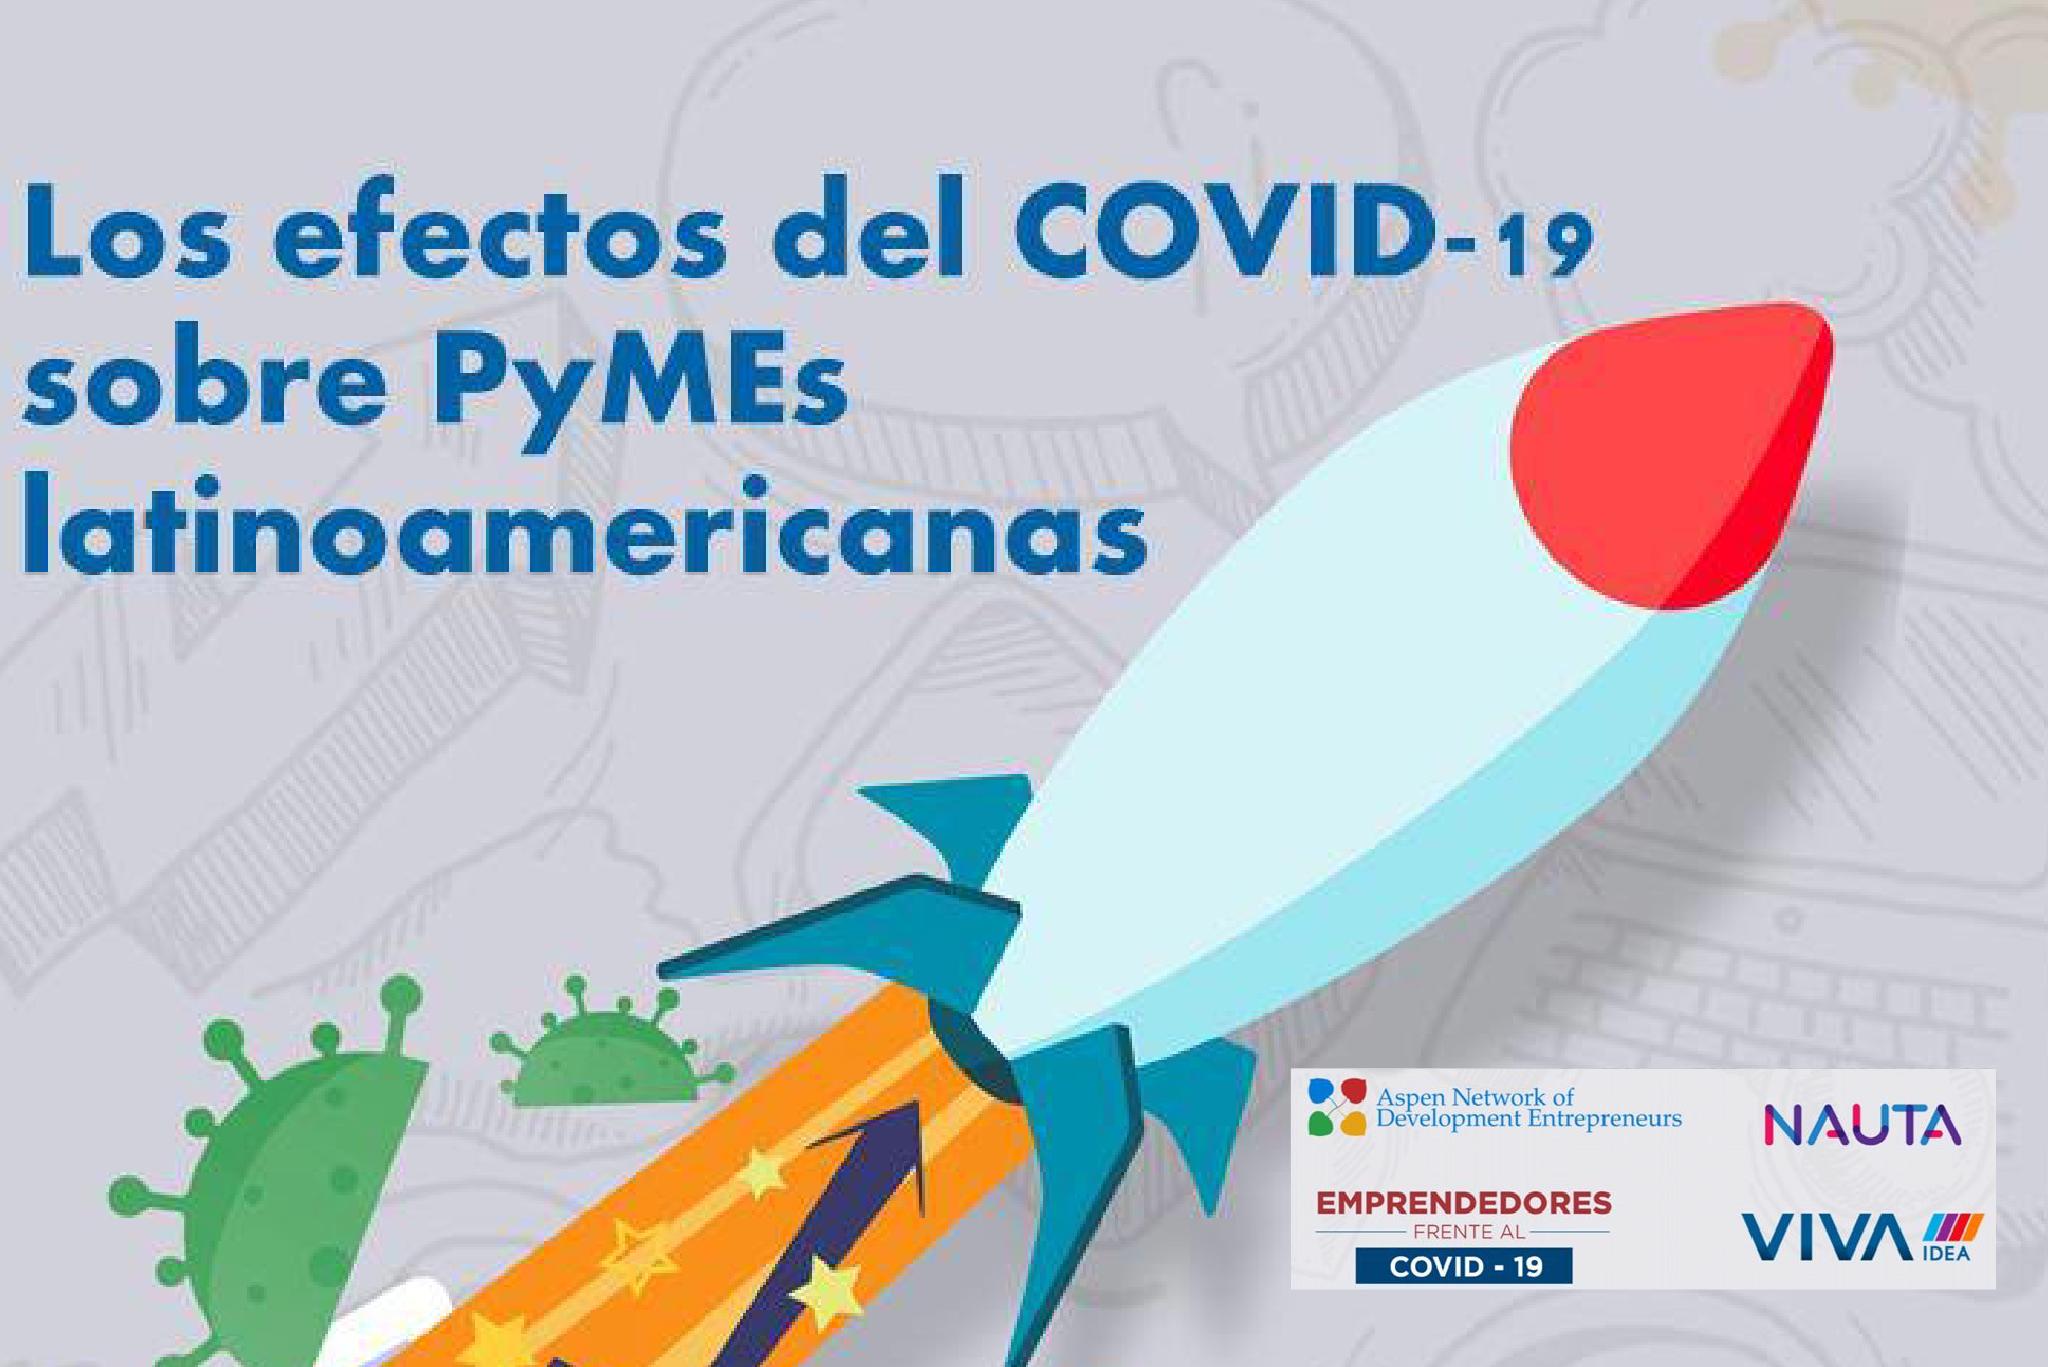 Reactivación de MiPyMEs Latinoamericanas frente a la crisis del Covid-19